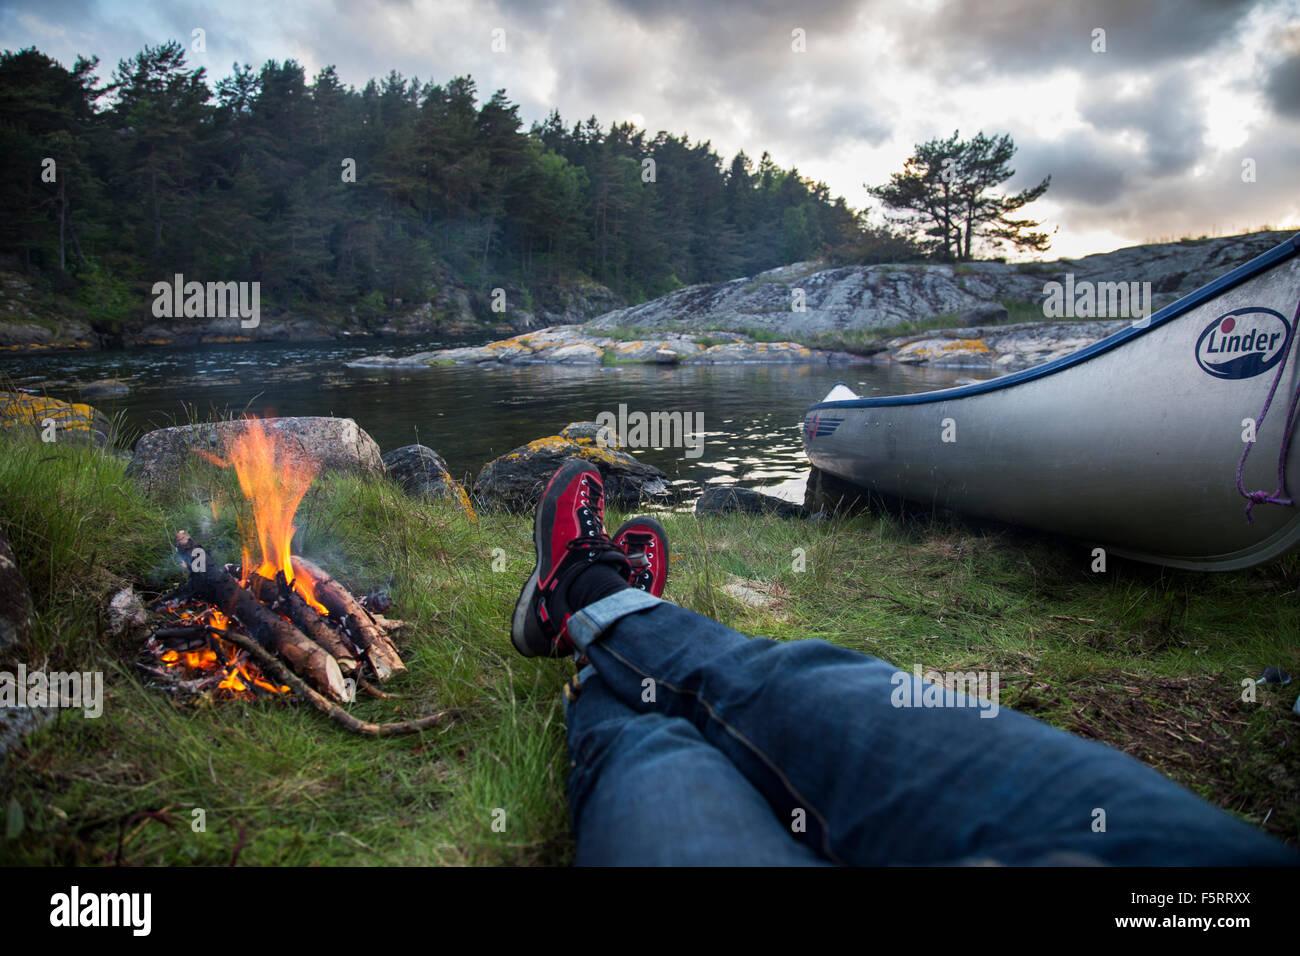 Schweden, Westküste, Bohuslan, Flato, persönliche Perspektive der Lagerfeuer am Ufer liegenden Mann Stockbild